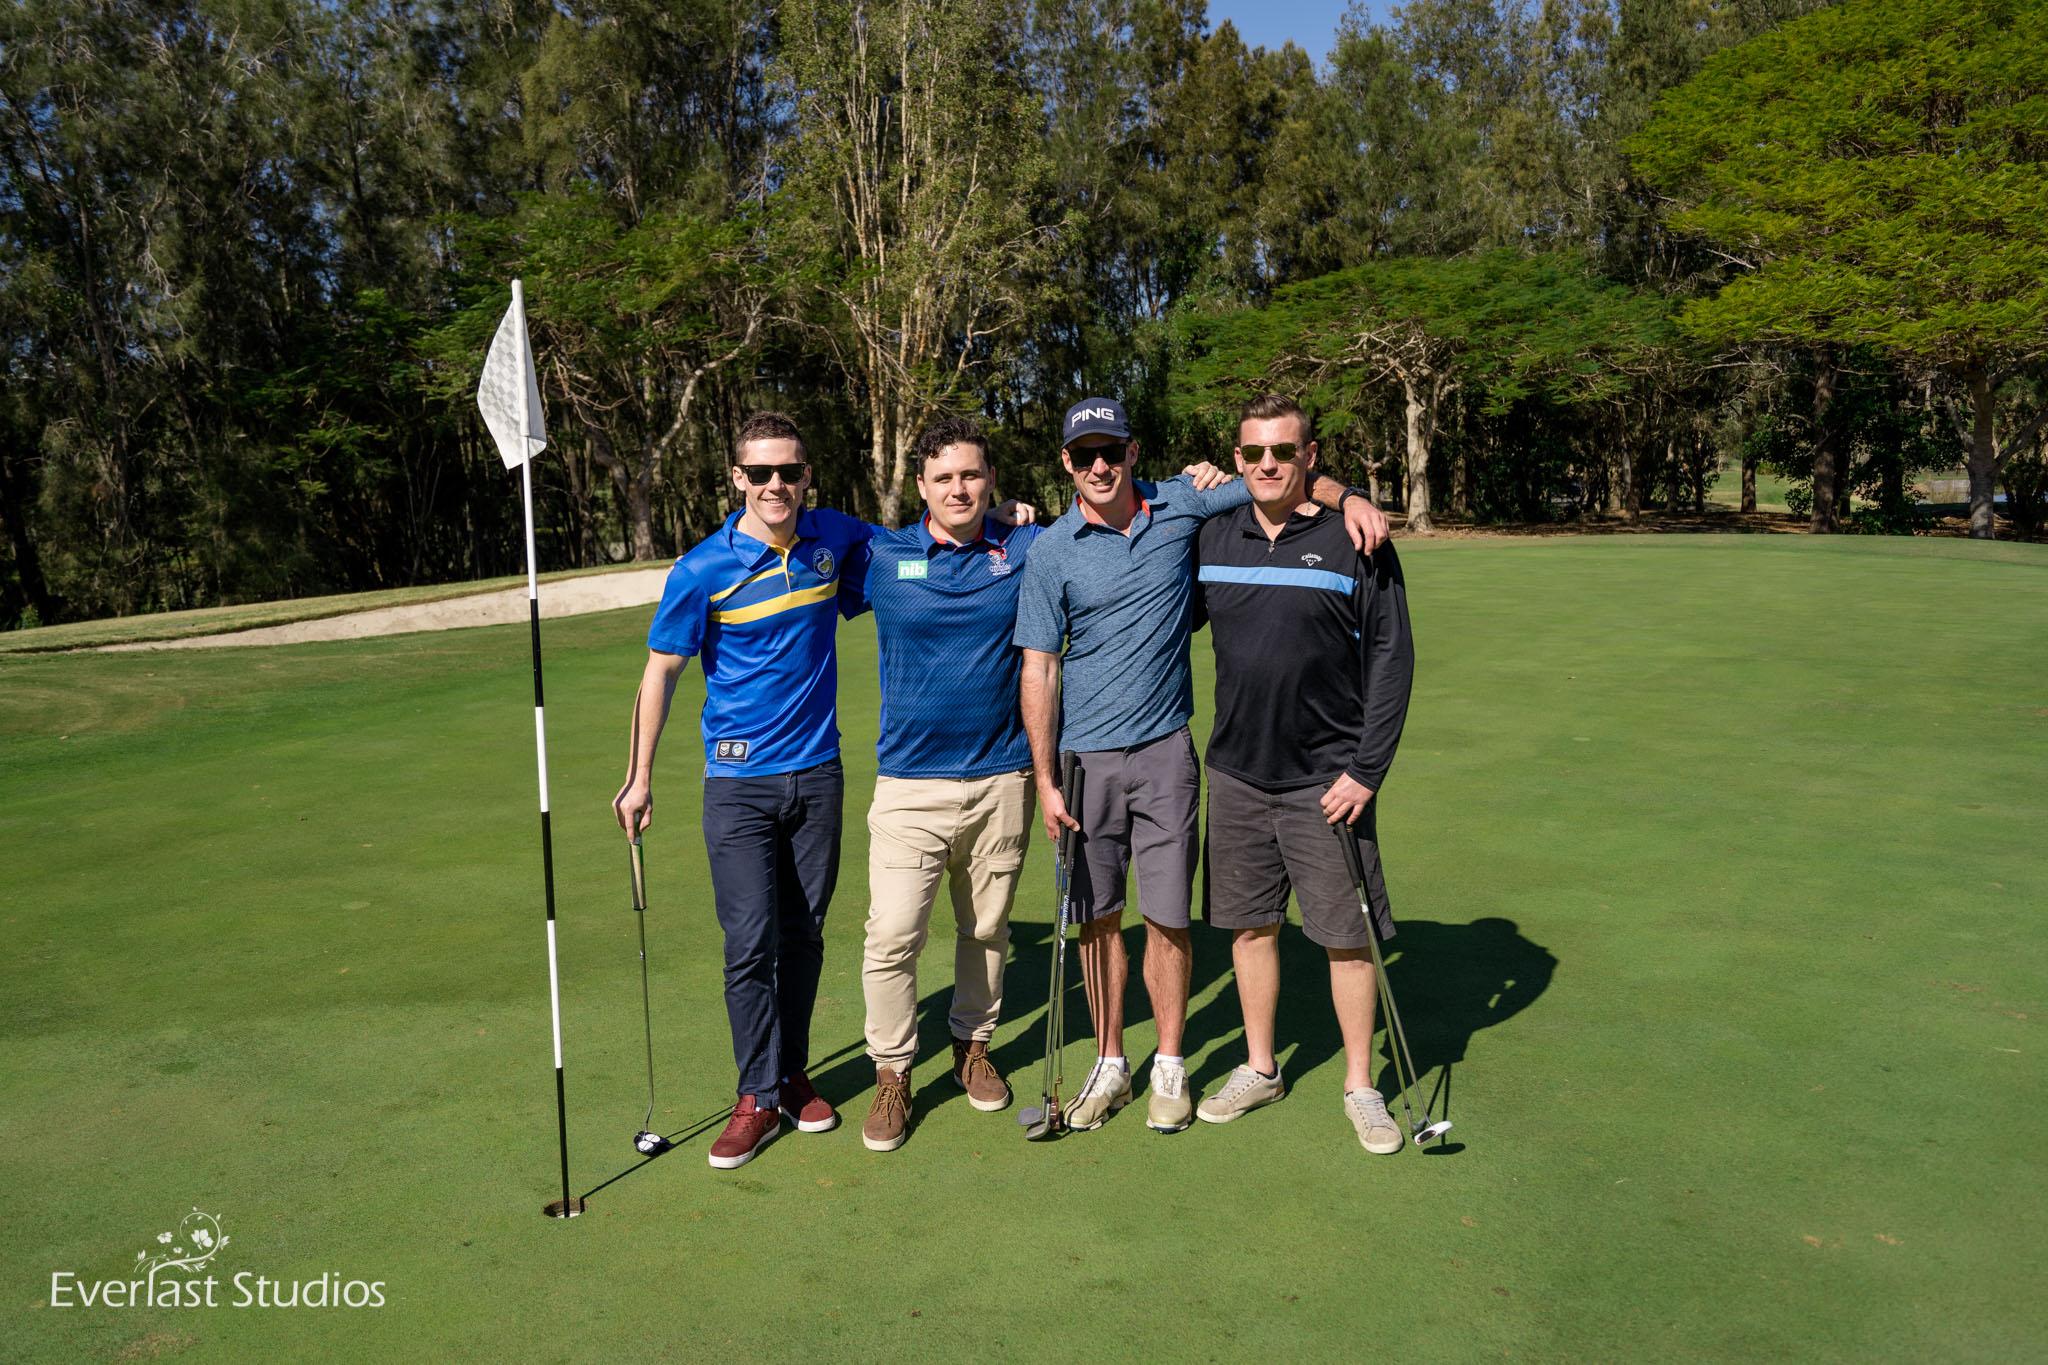 Groom and groomsmen play golf